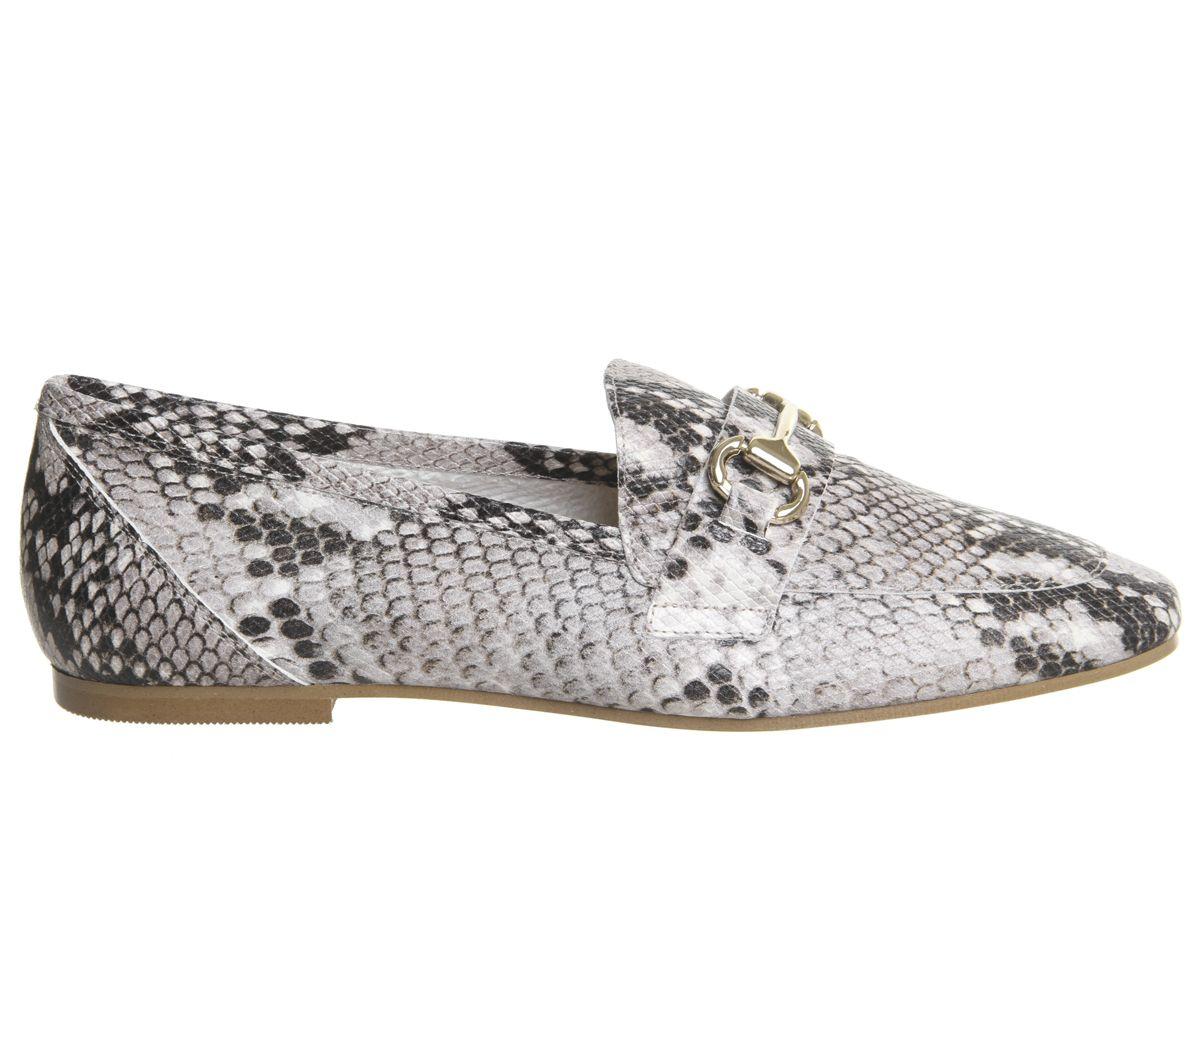 da607867e0e Womens Office Destiny Trim Loafers Natural Snake Leather Flats